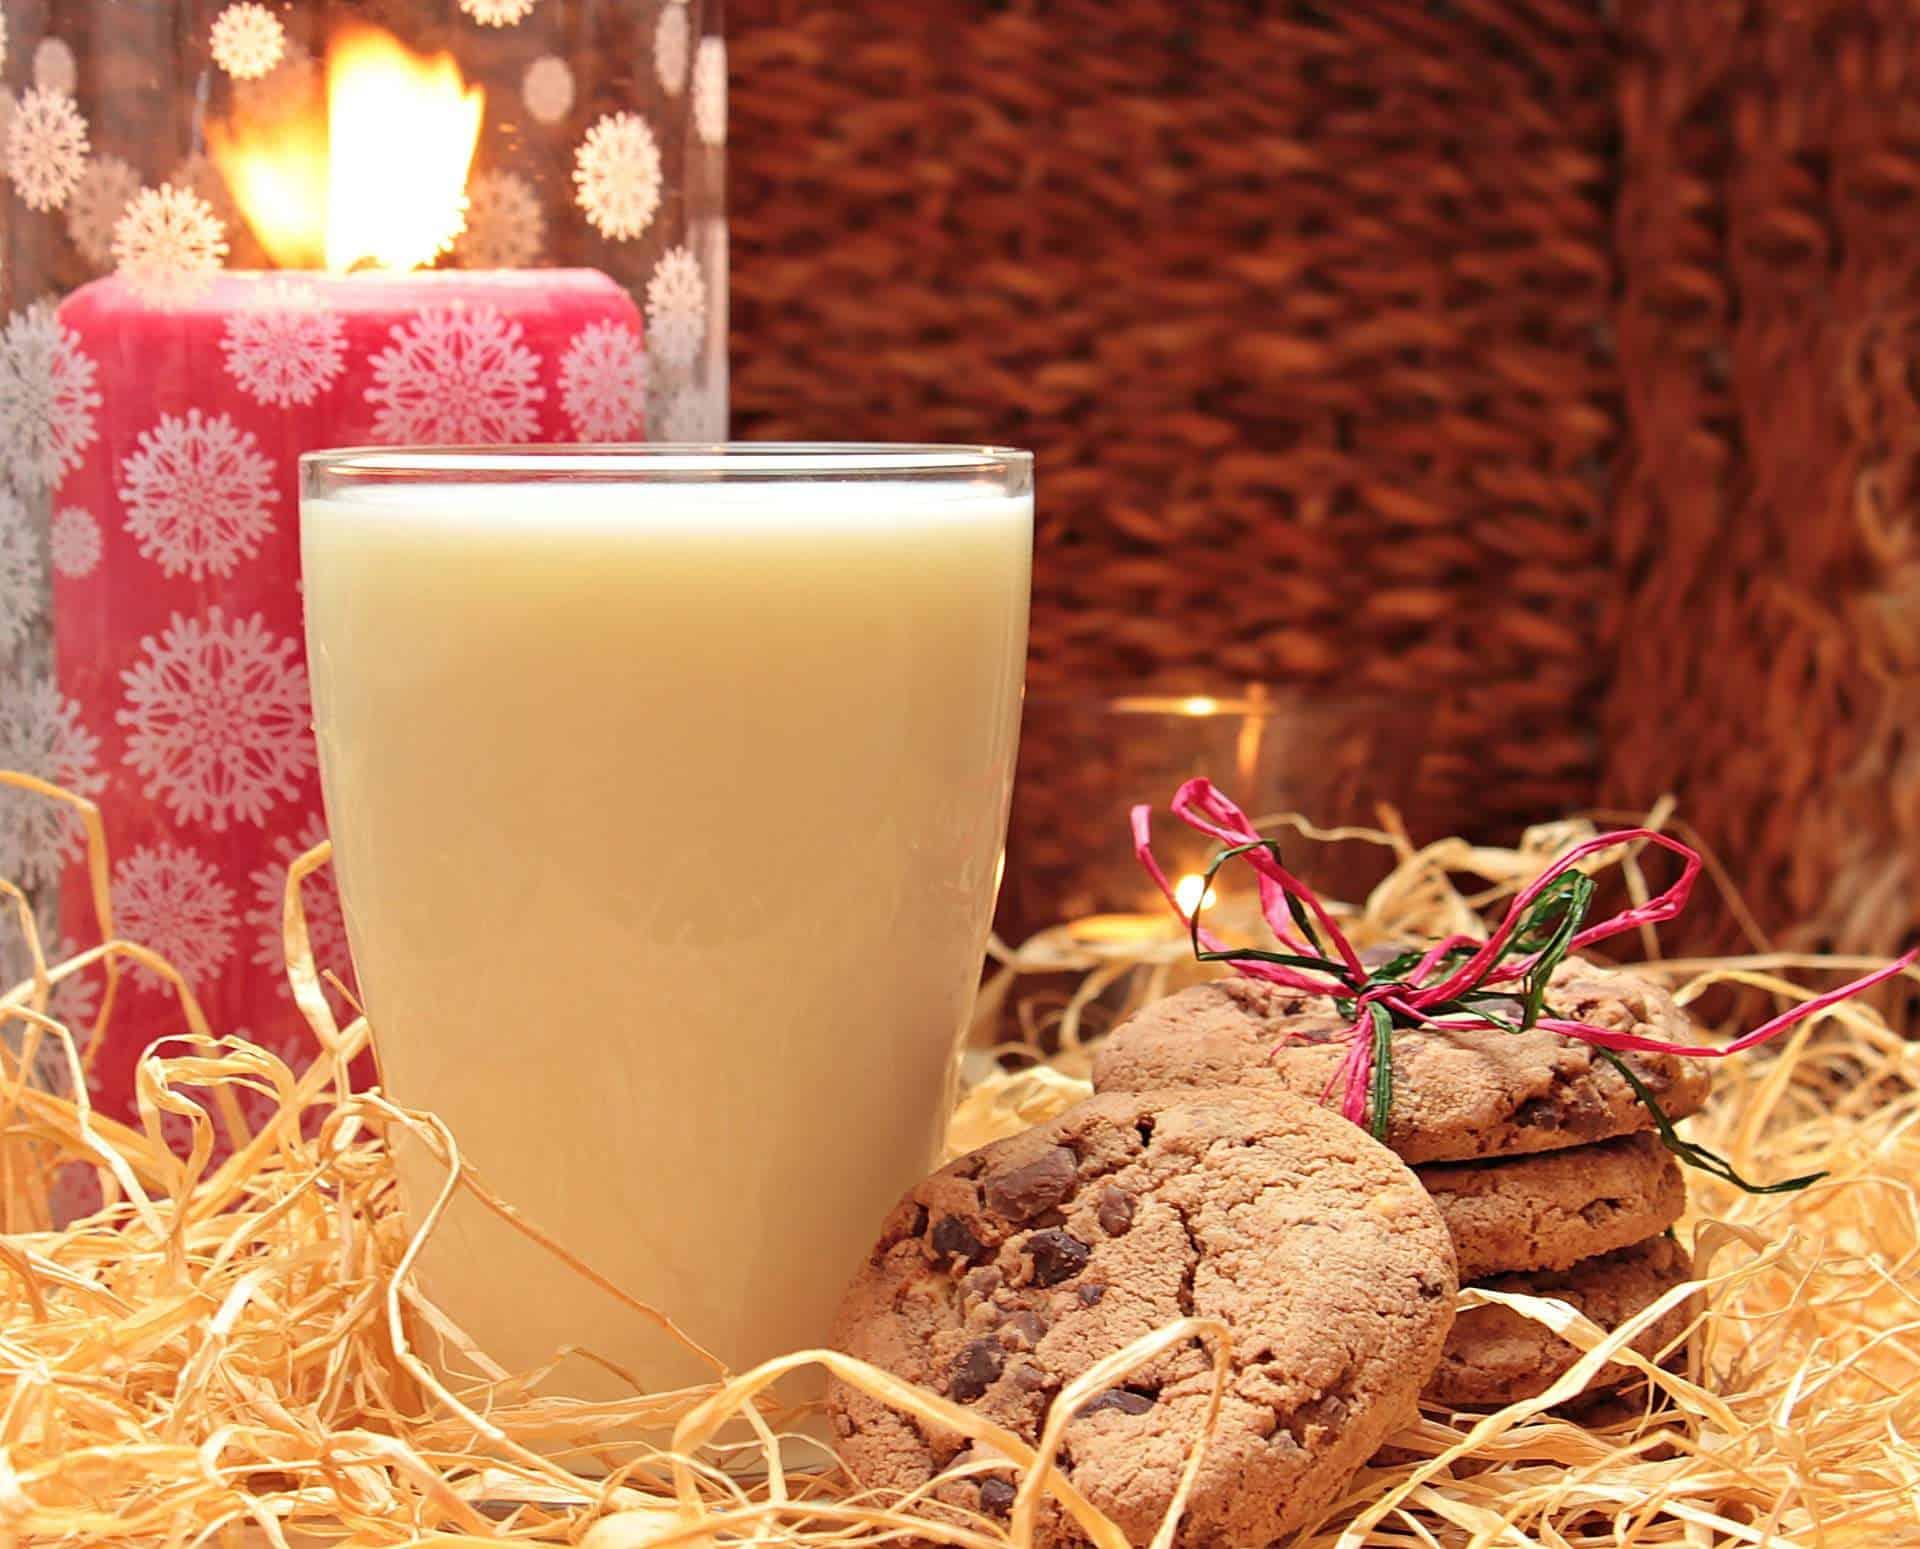 Le 15 tradizioni di Natale più strane del mondo dagli USA al Giappone